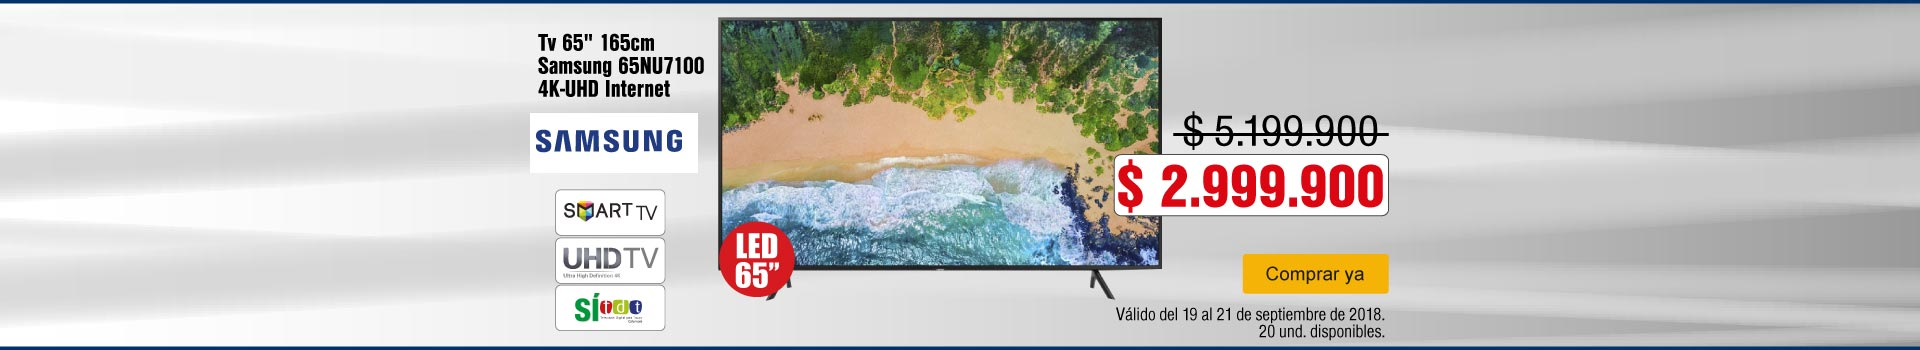 AK-KT-BCAT-4-TV-PP---Samsung-65NU7100-Sep19